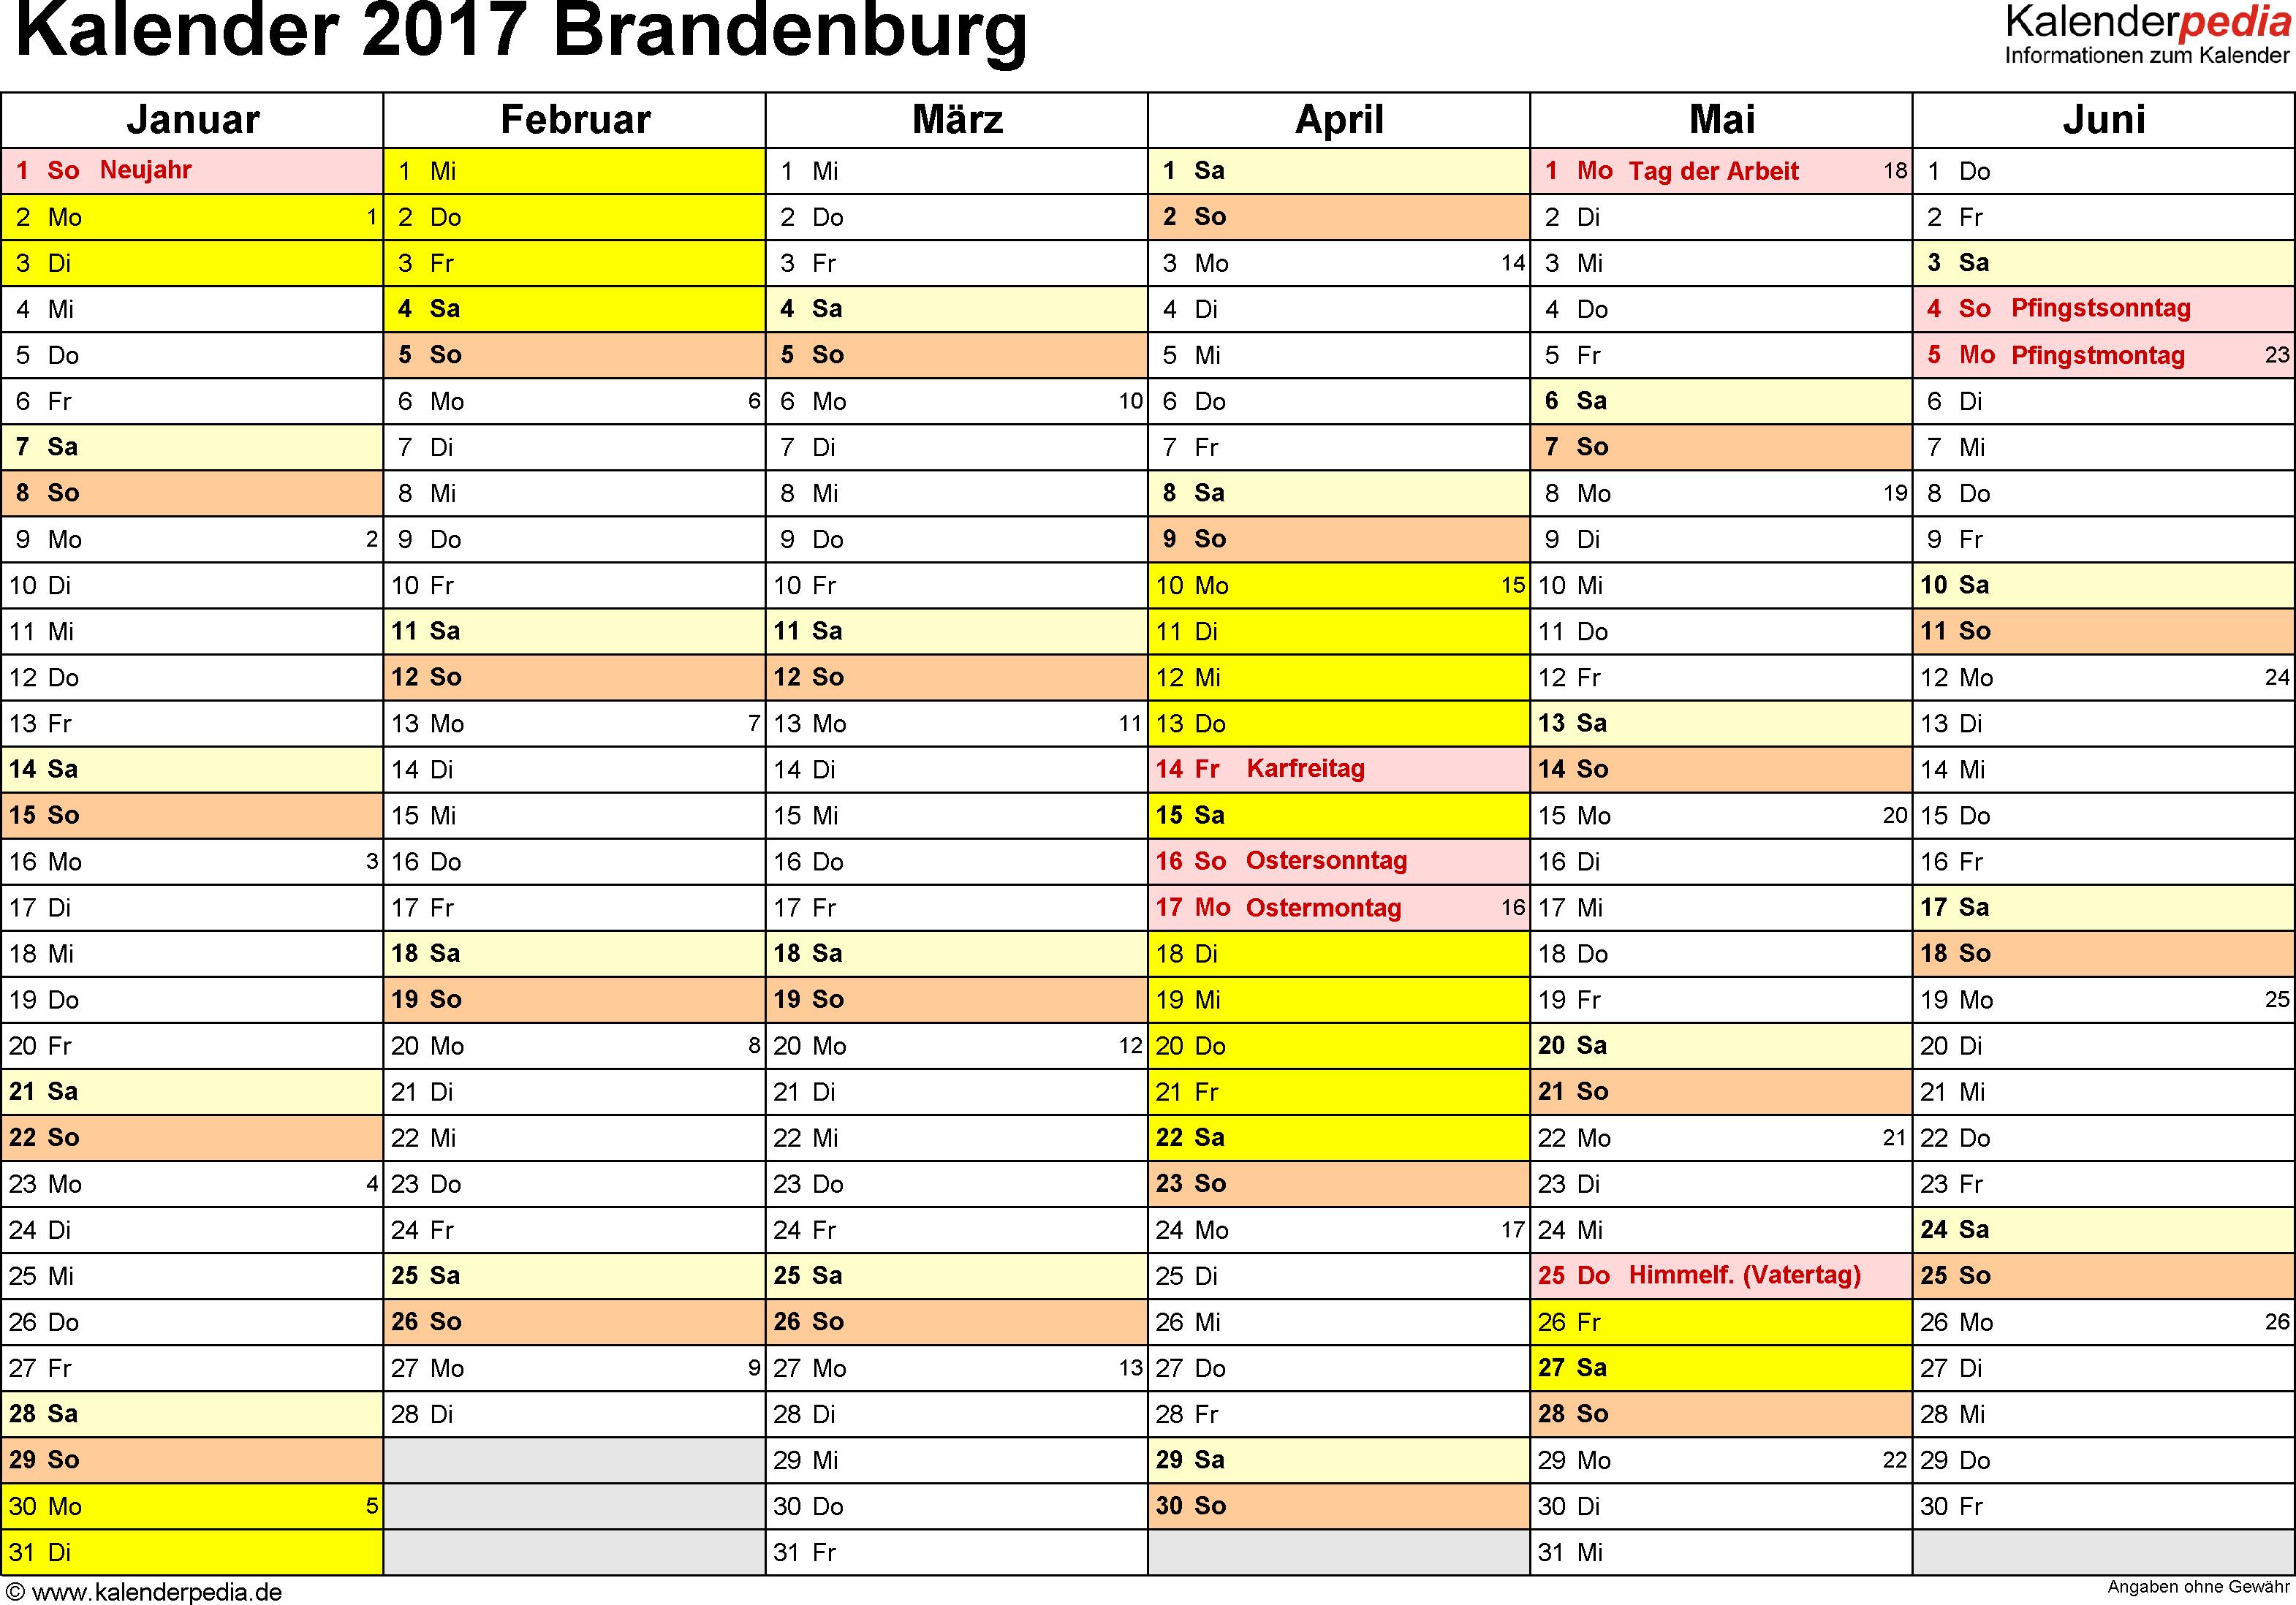 Vorlage 2: Kalender 2017 für Brandenburg als Word-Vorlagen (Querformat, 2 Seiten)